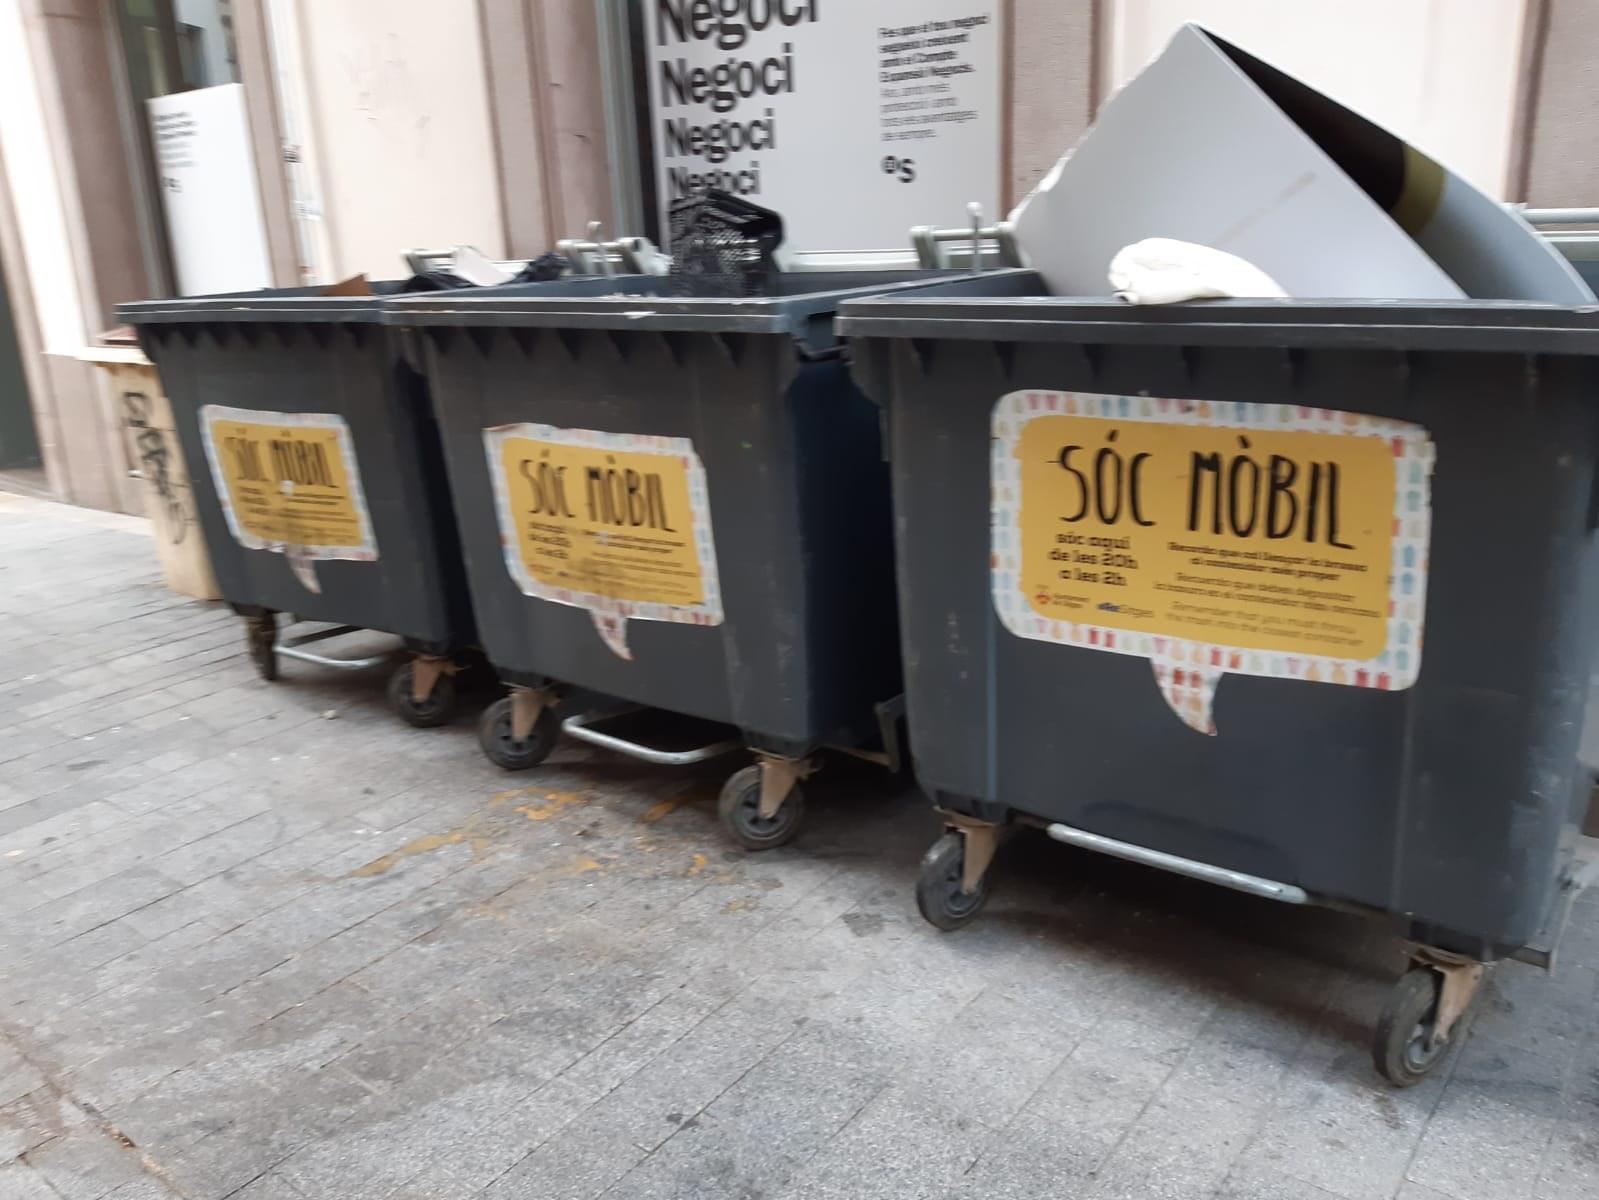 Grup de contenidors mòbils.